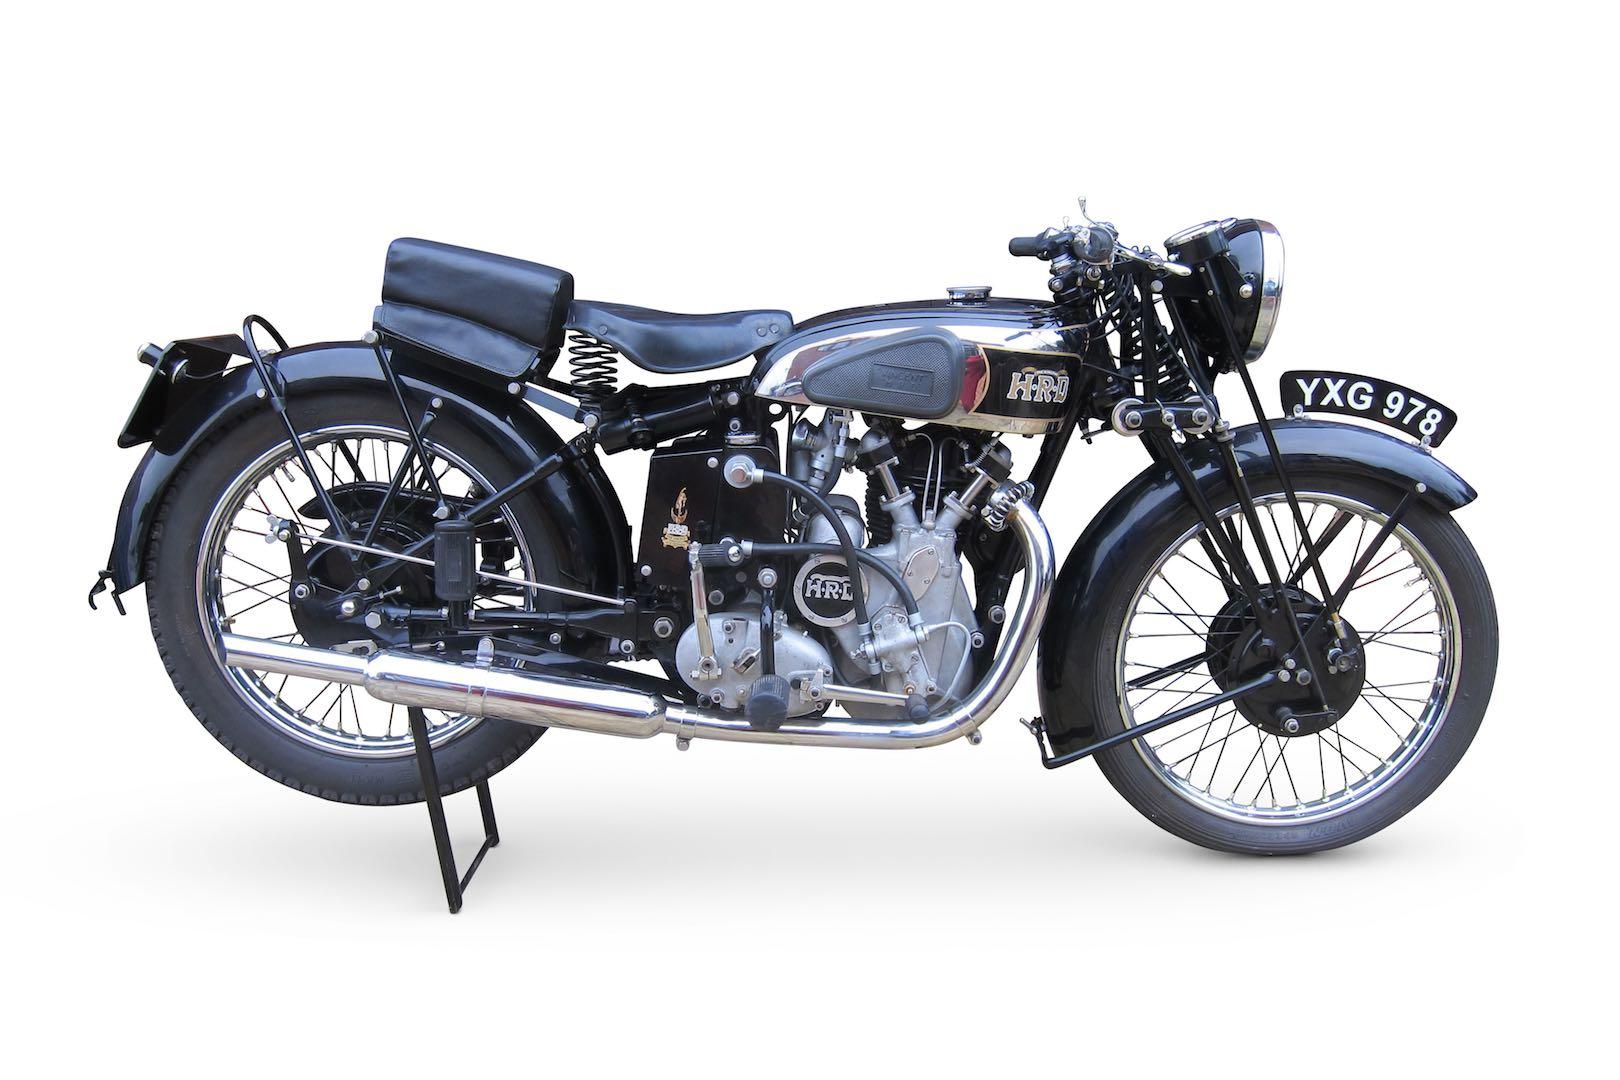 1935 Vincent-HRD Series-A Come